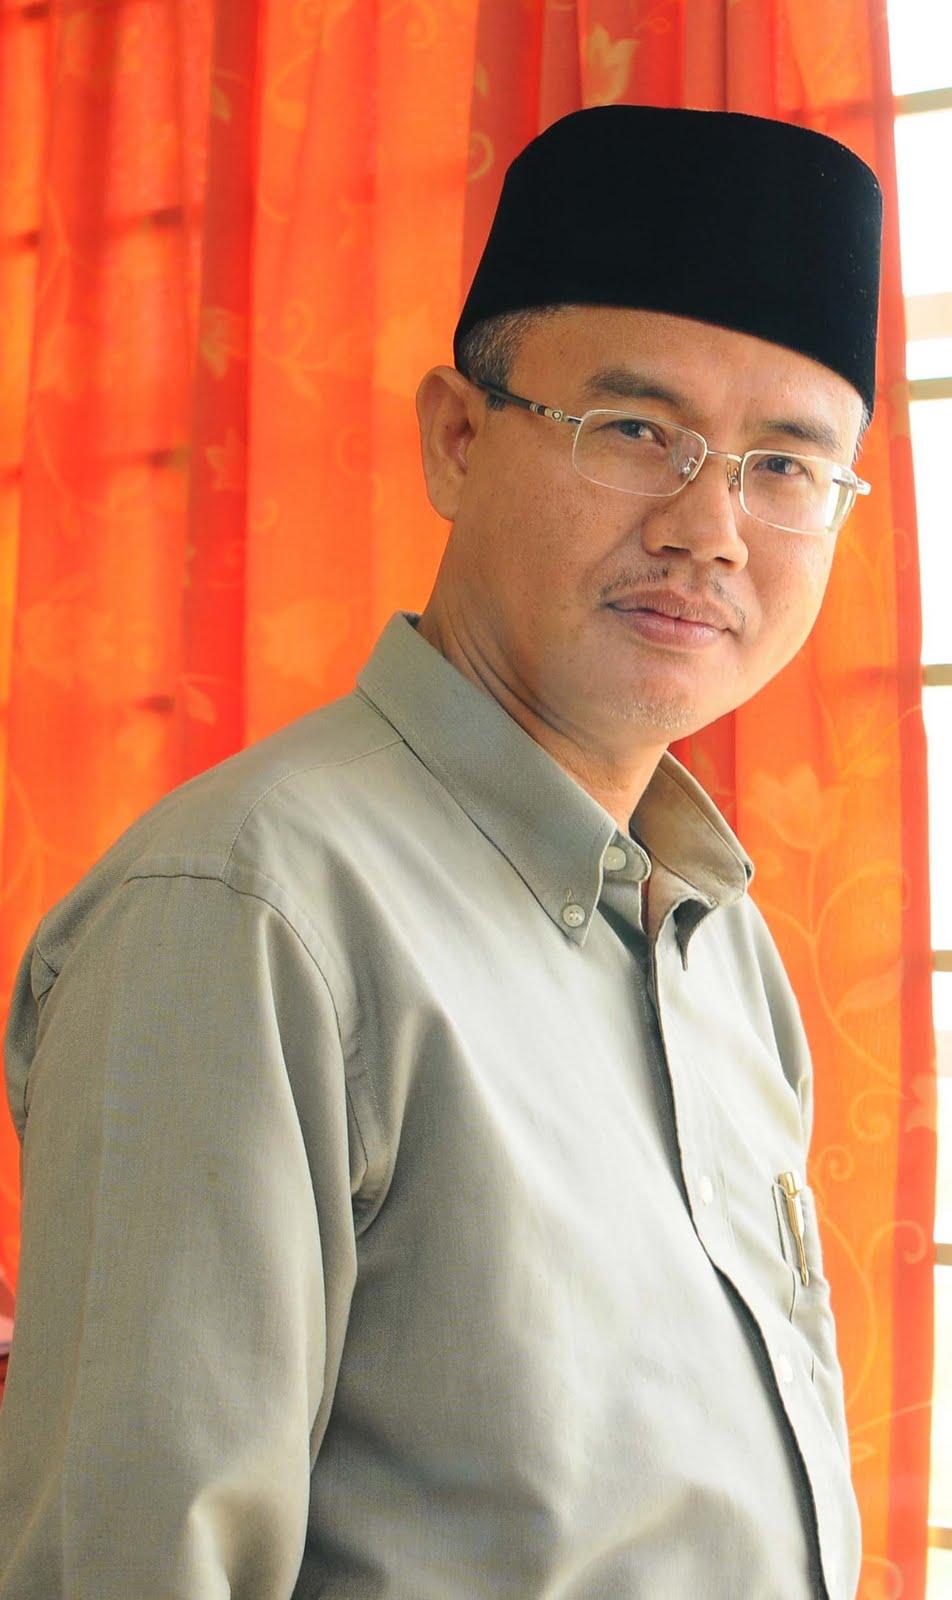 Lawan Hawa Nafsumu! Tiada Jalan Pintas! : Ustaz Pahrol Mohd Juoi